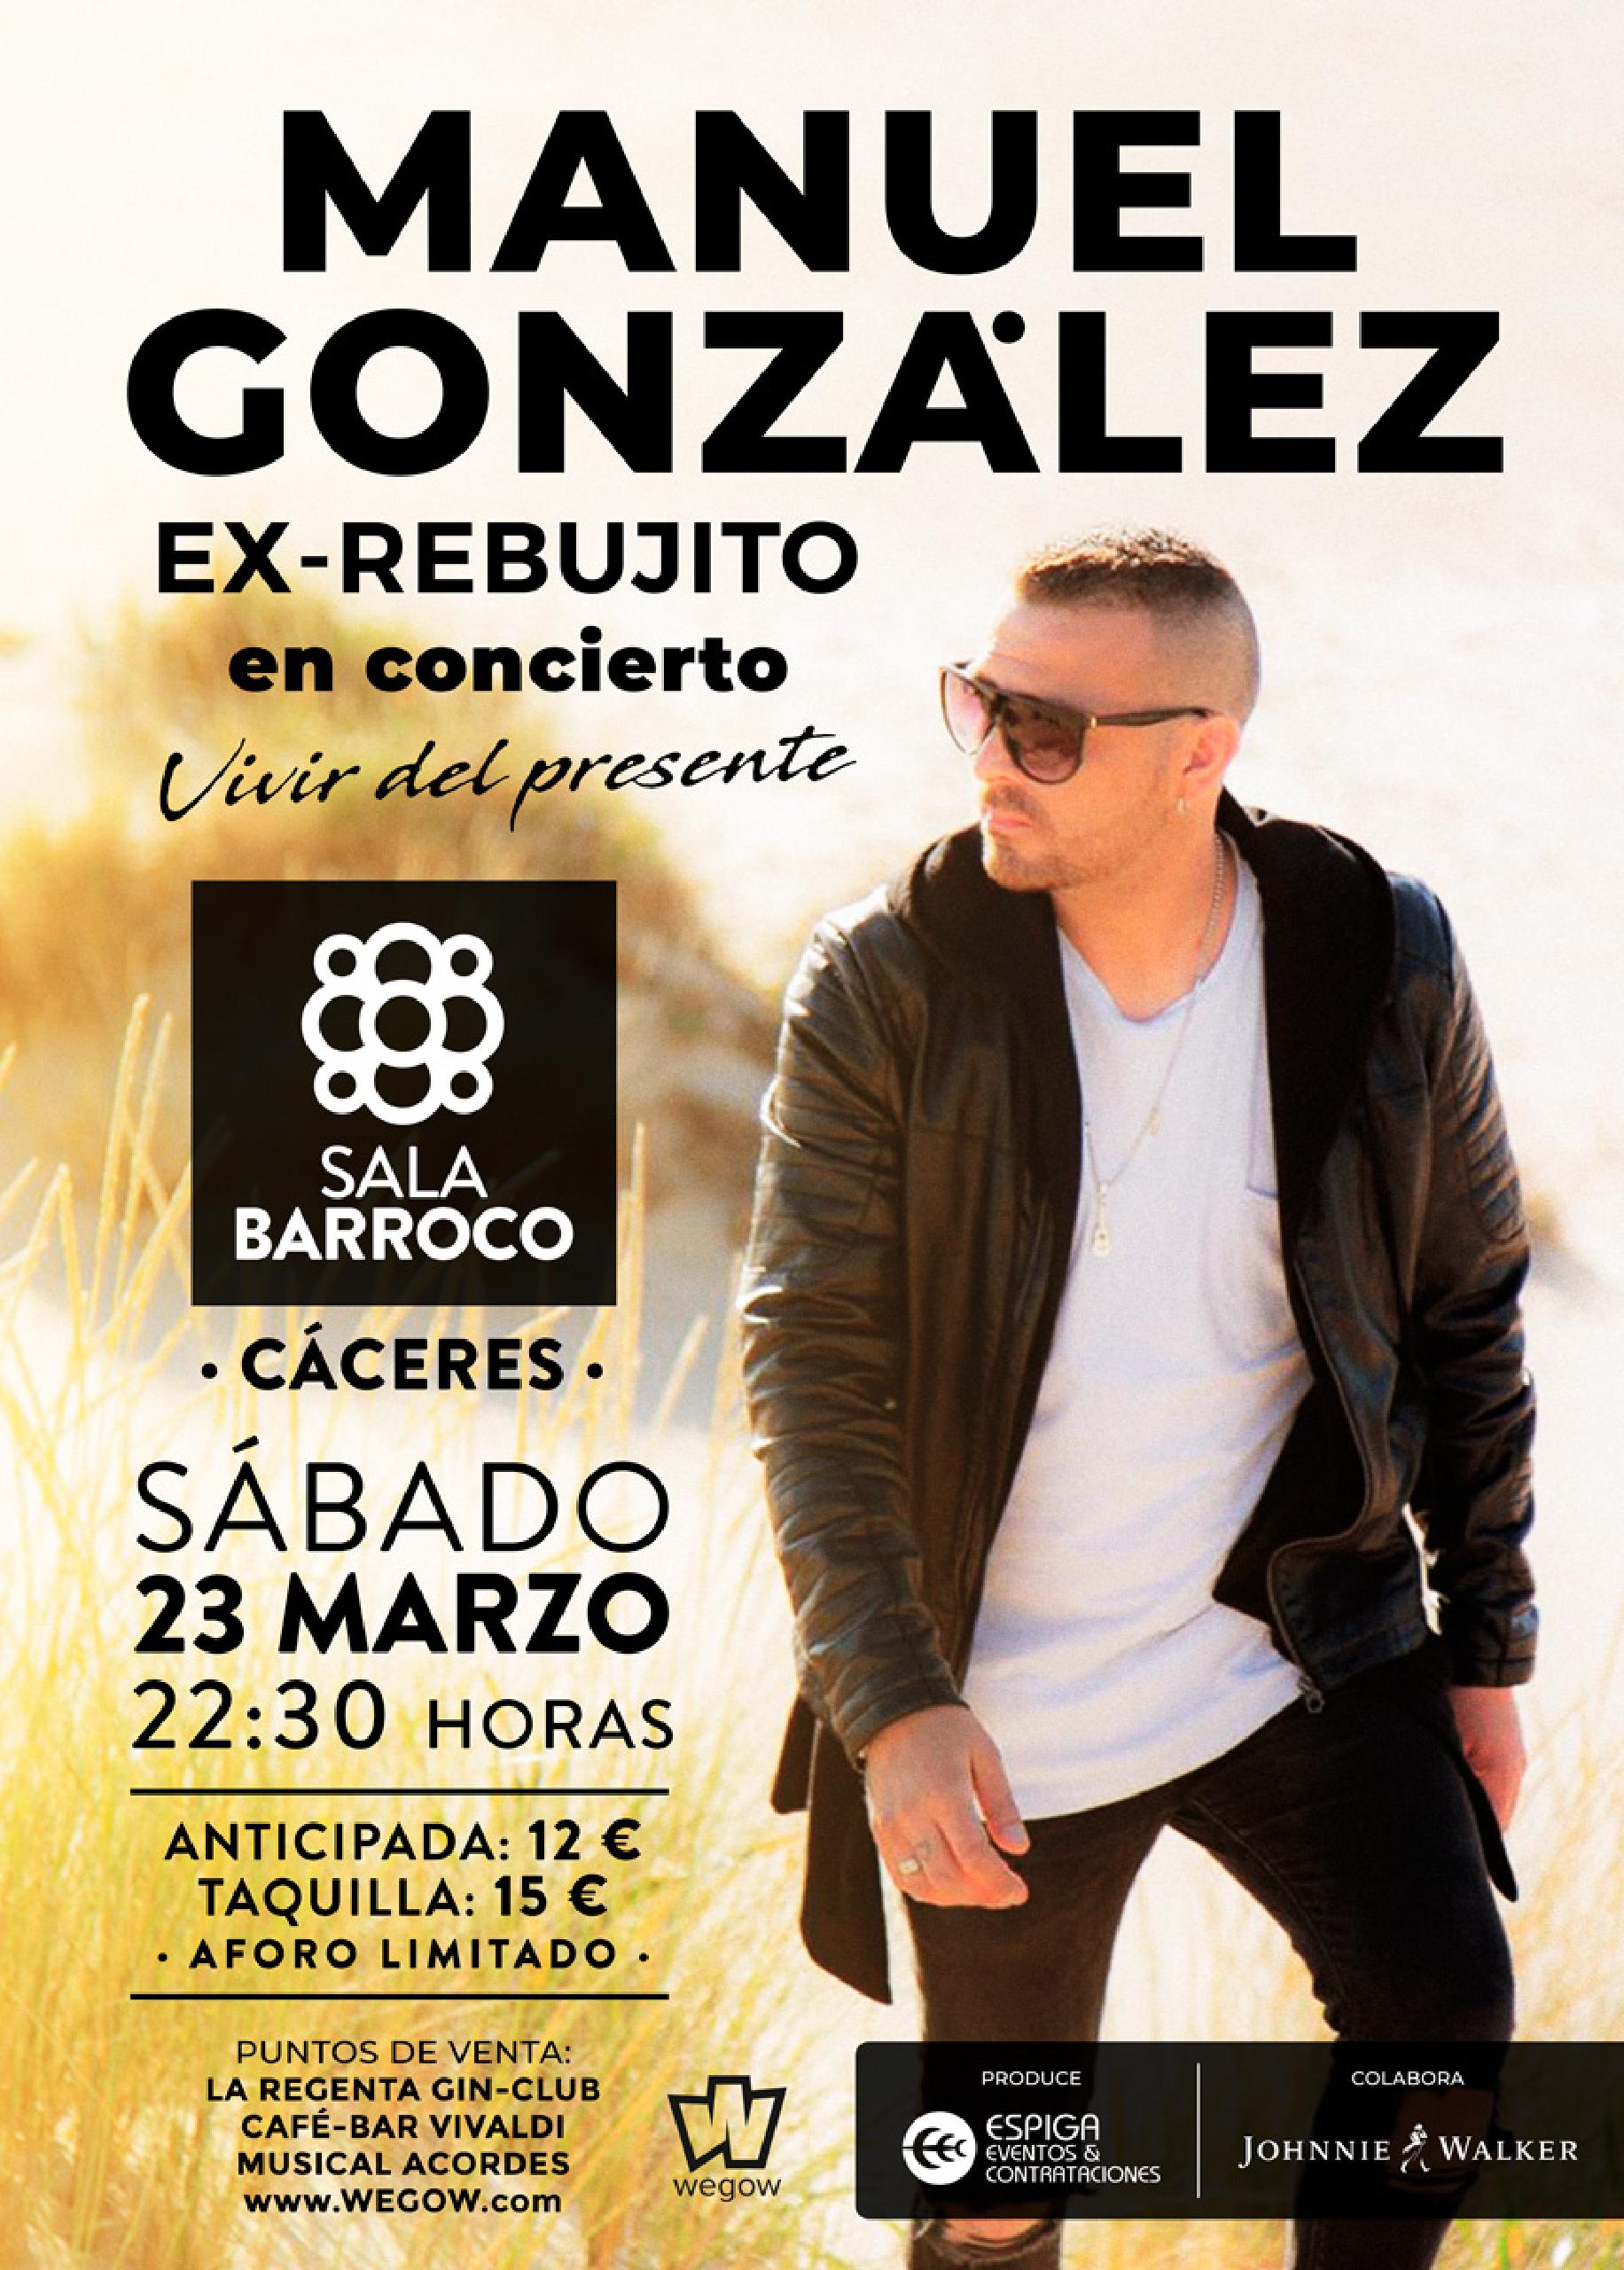 Manuel Gonzalez Ex Rebujito